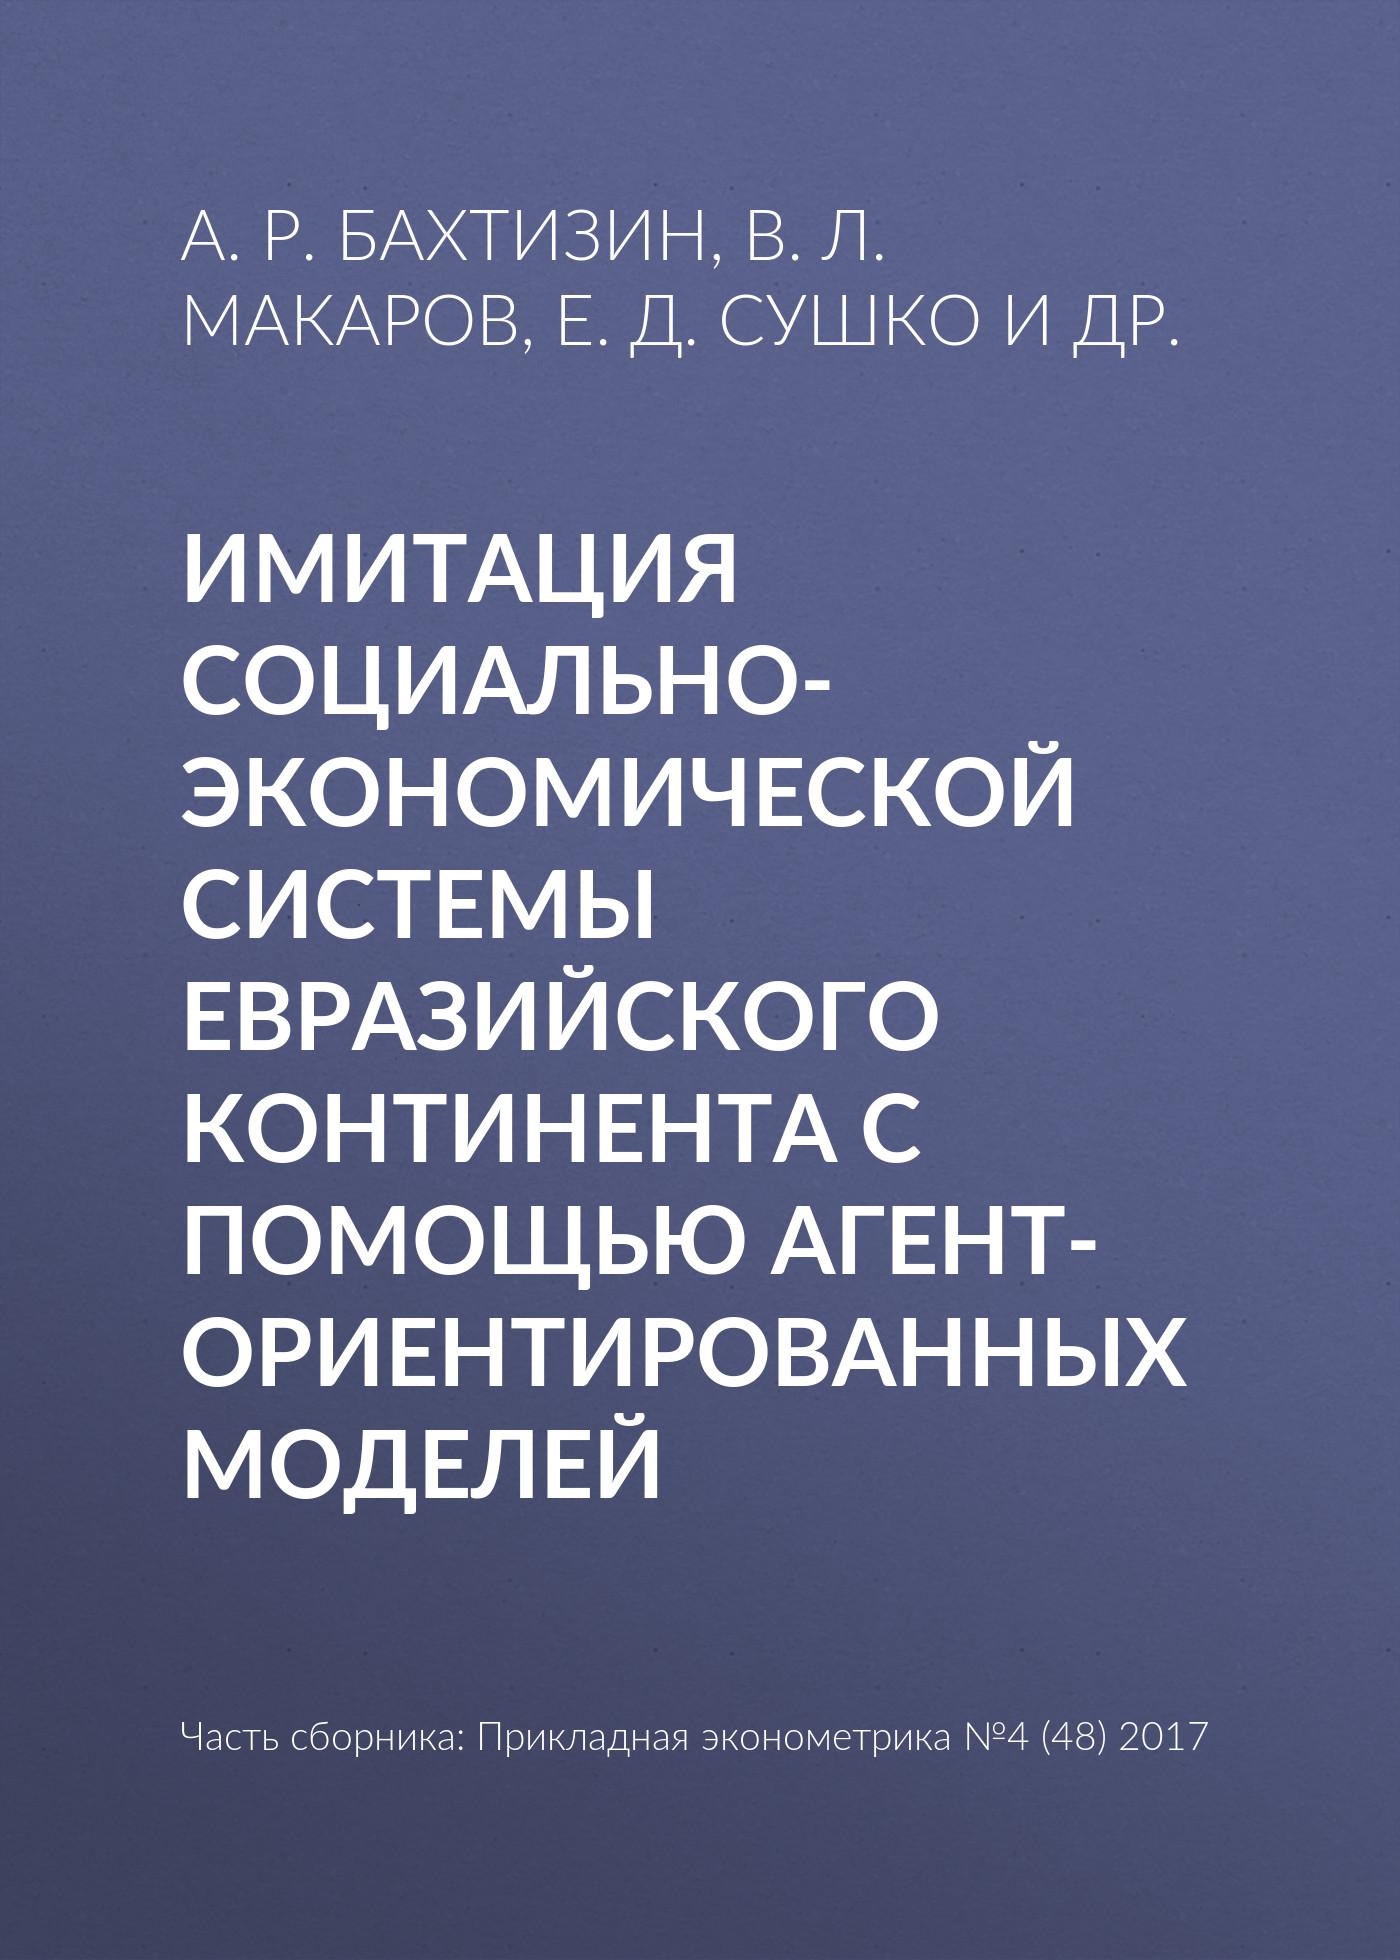 А. Р. Бахтизин Имитация социально-экономической системы Евразийского континента с помощью агент-ориентированных моделей р а долженко специализированные процедуры синхронизации деятельности участников agile проектов